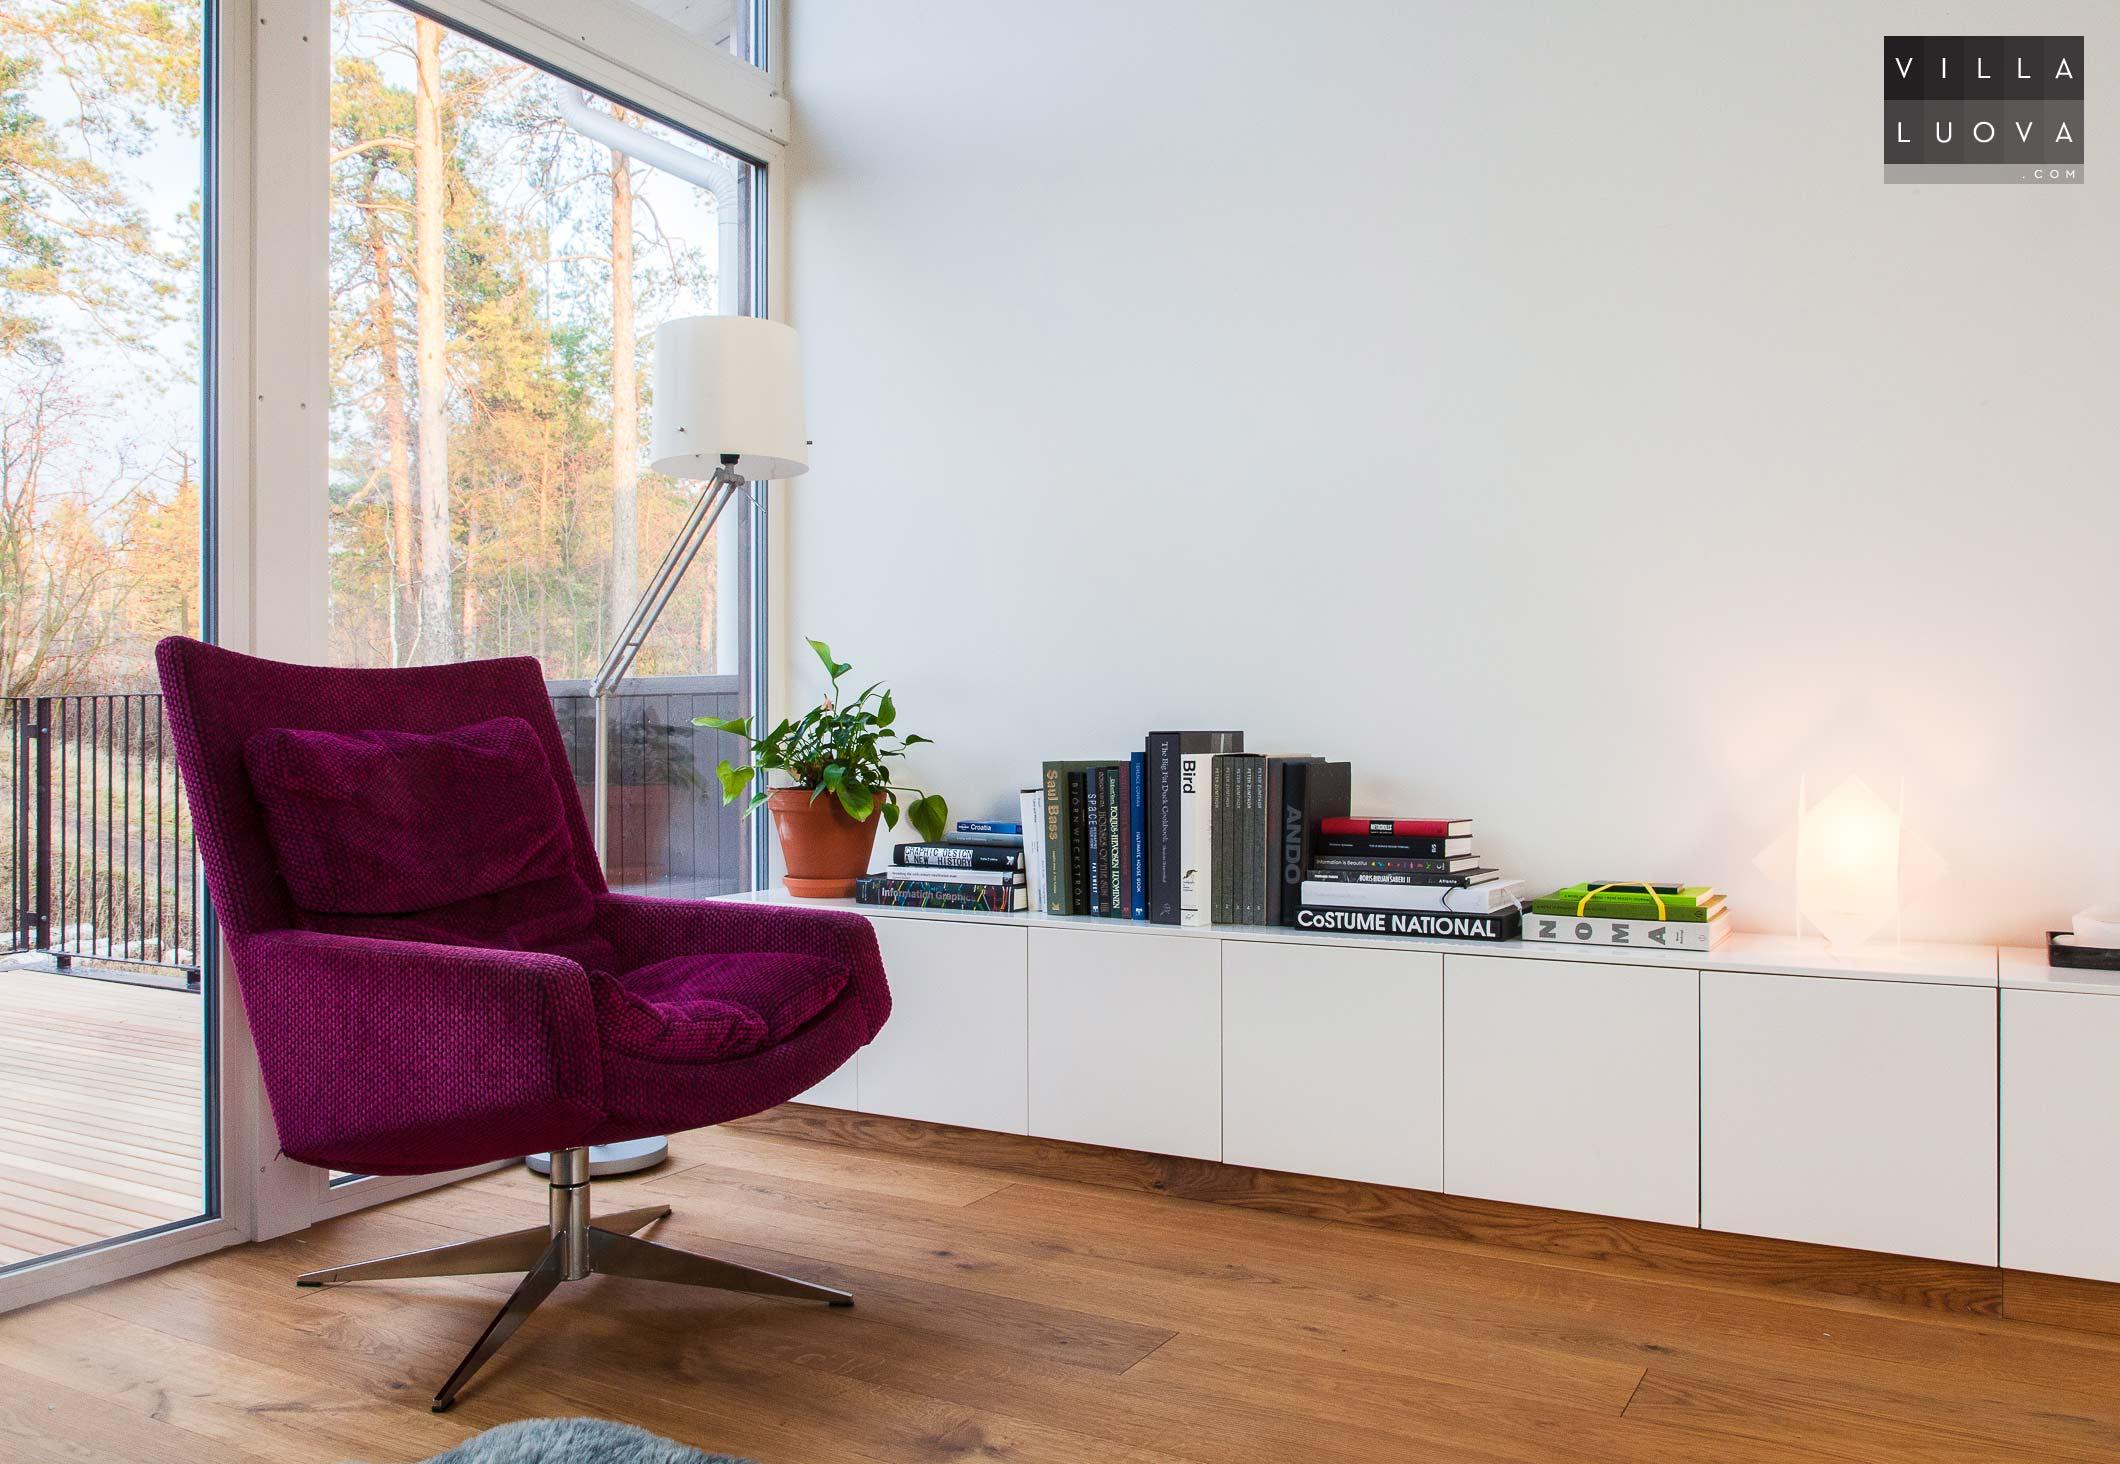 Full Size of Stylische Ikea Hacks Stilpalast Modulküche Sockelblende Küche Hängeregal Einbauküche Günstig Miele Eckunterschrank Nobilia Eiche Hell Granitplatten Wohnzimmer Sitzbank Küche Ikea